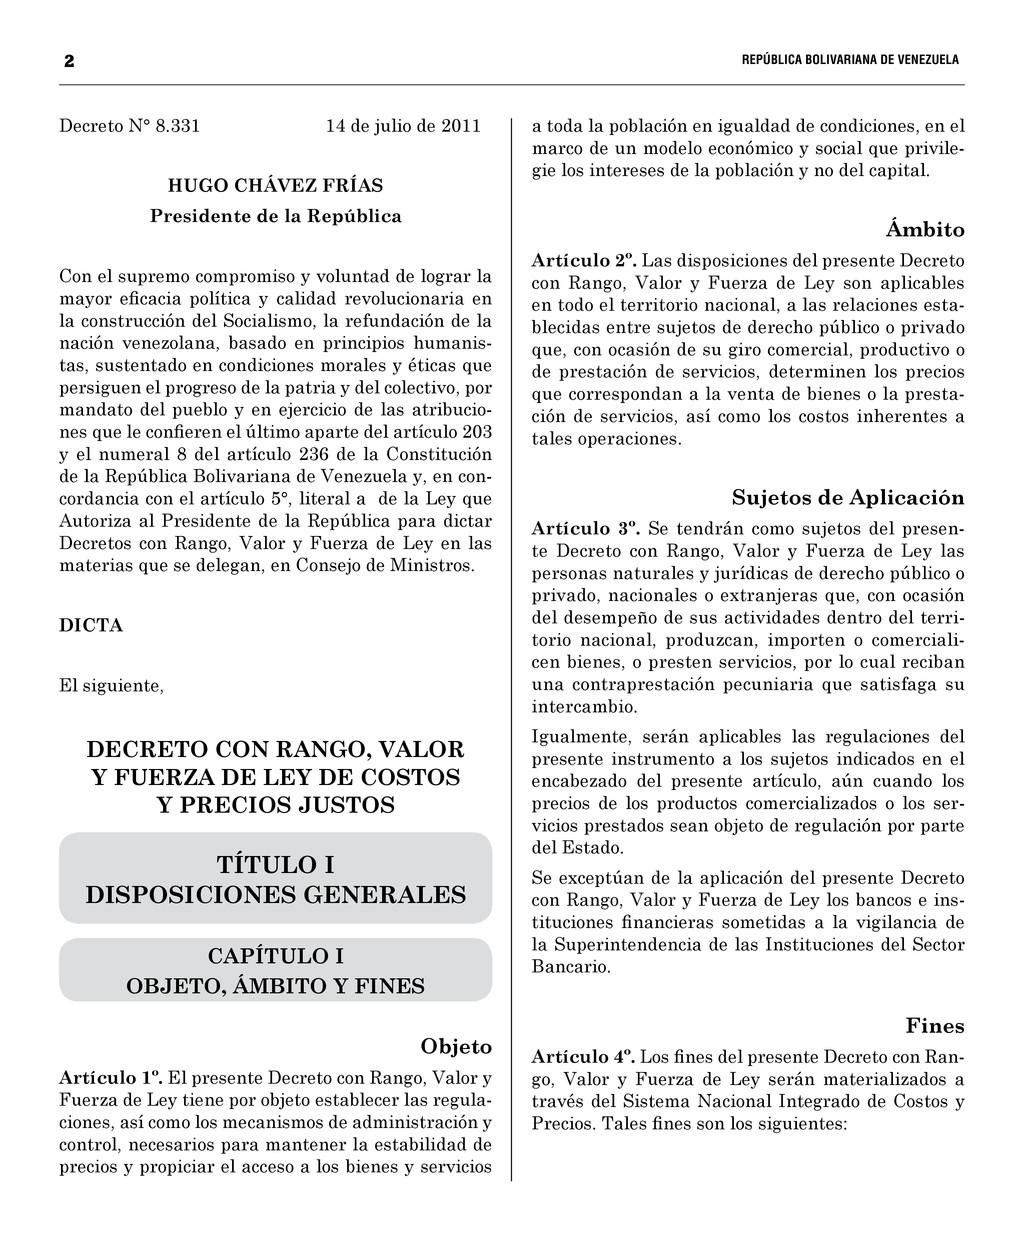 2  REPÚBLICA BOLIVARIANA DE VENEZUELA...